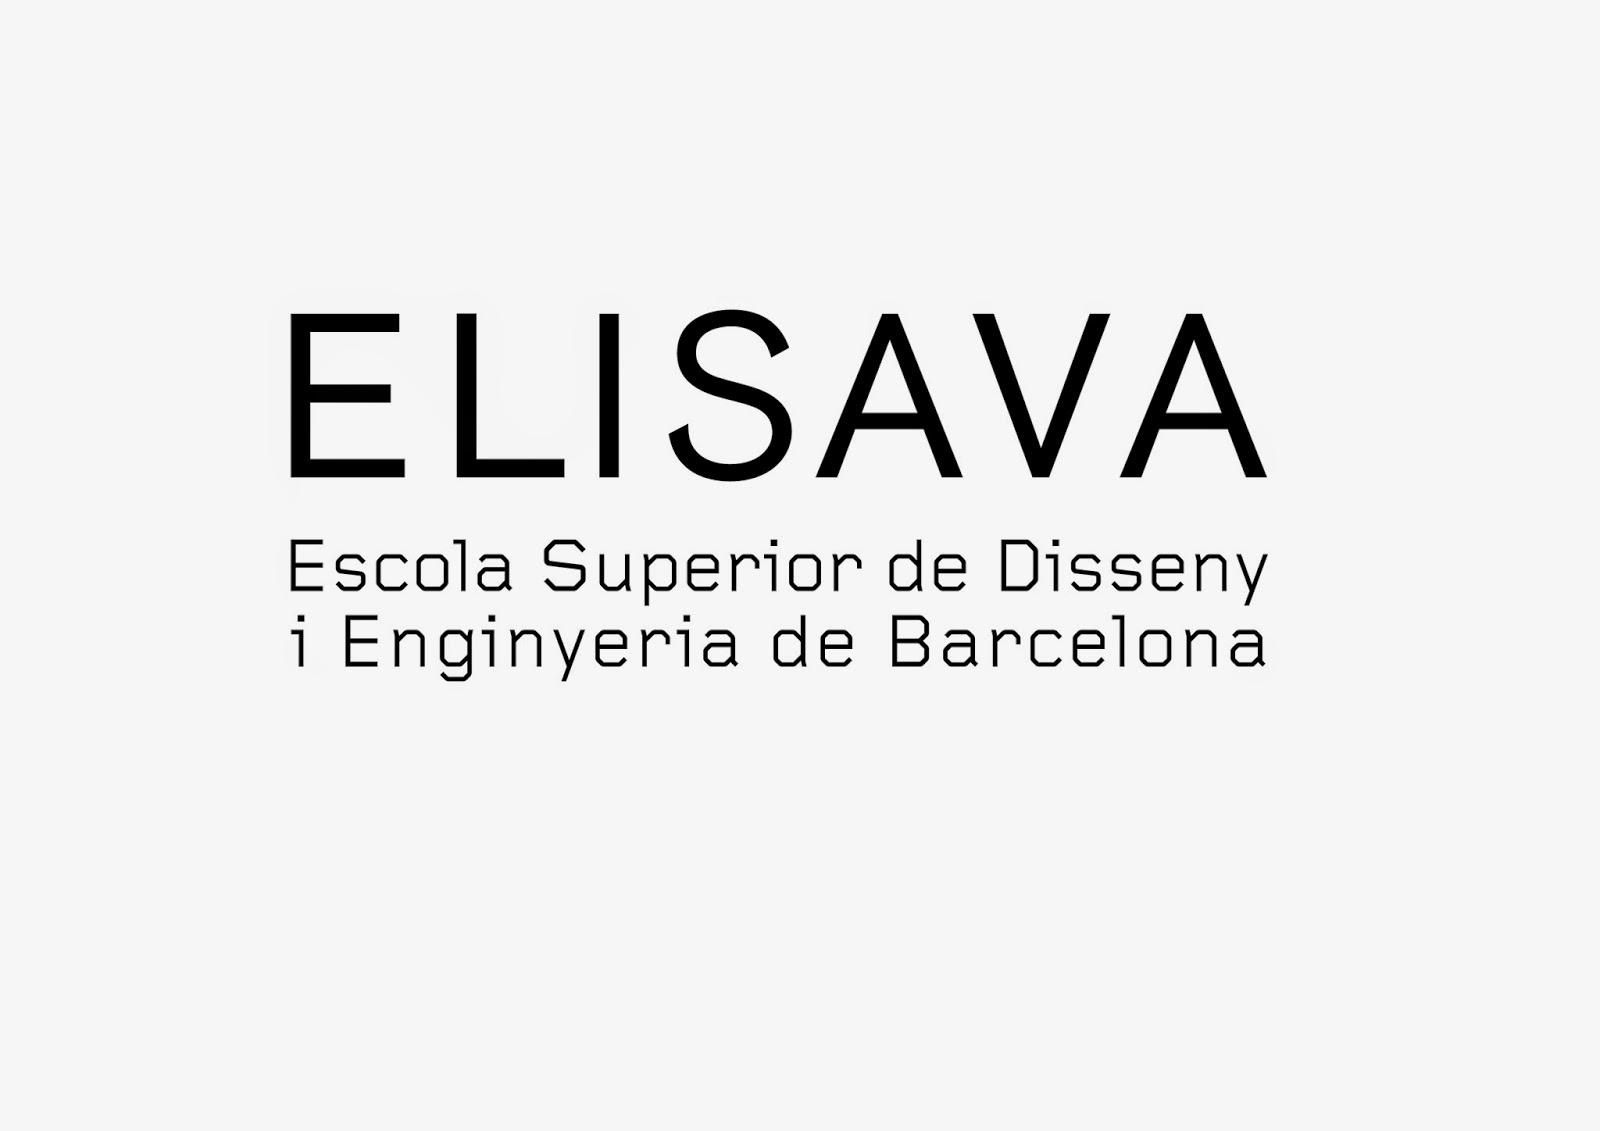 http://www.elisava.net/ca